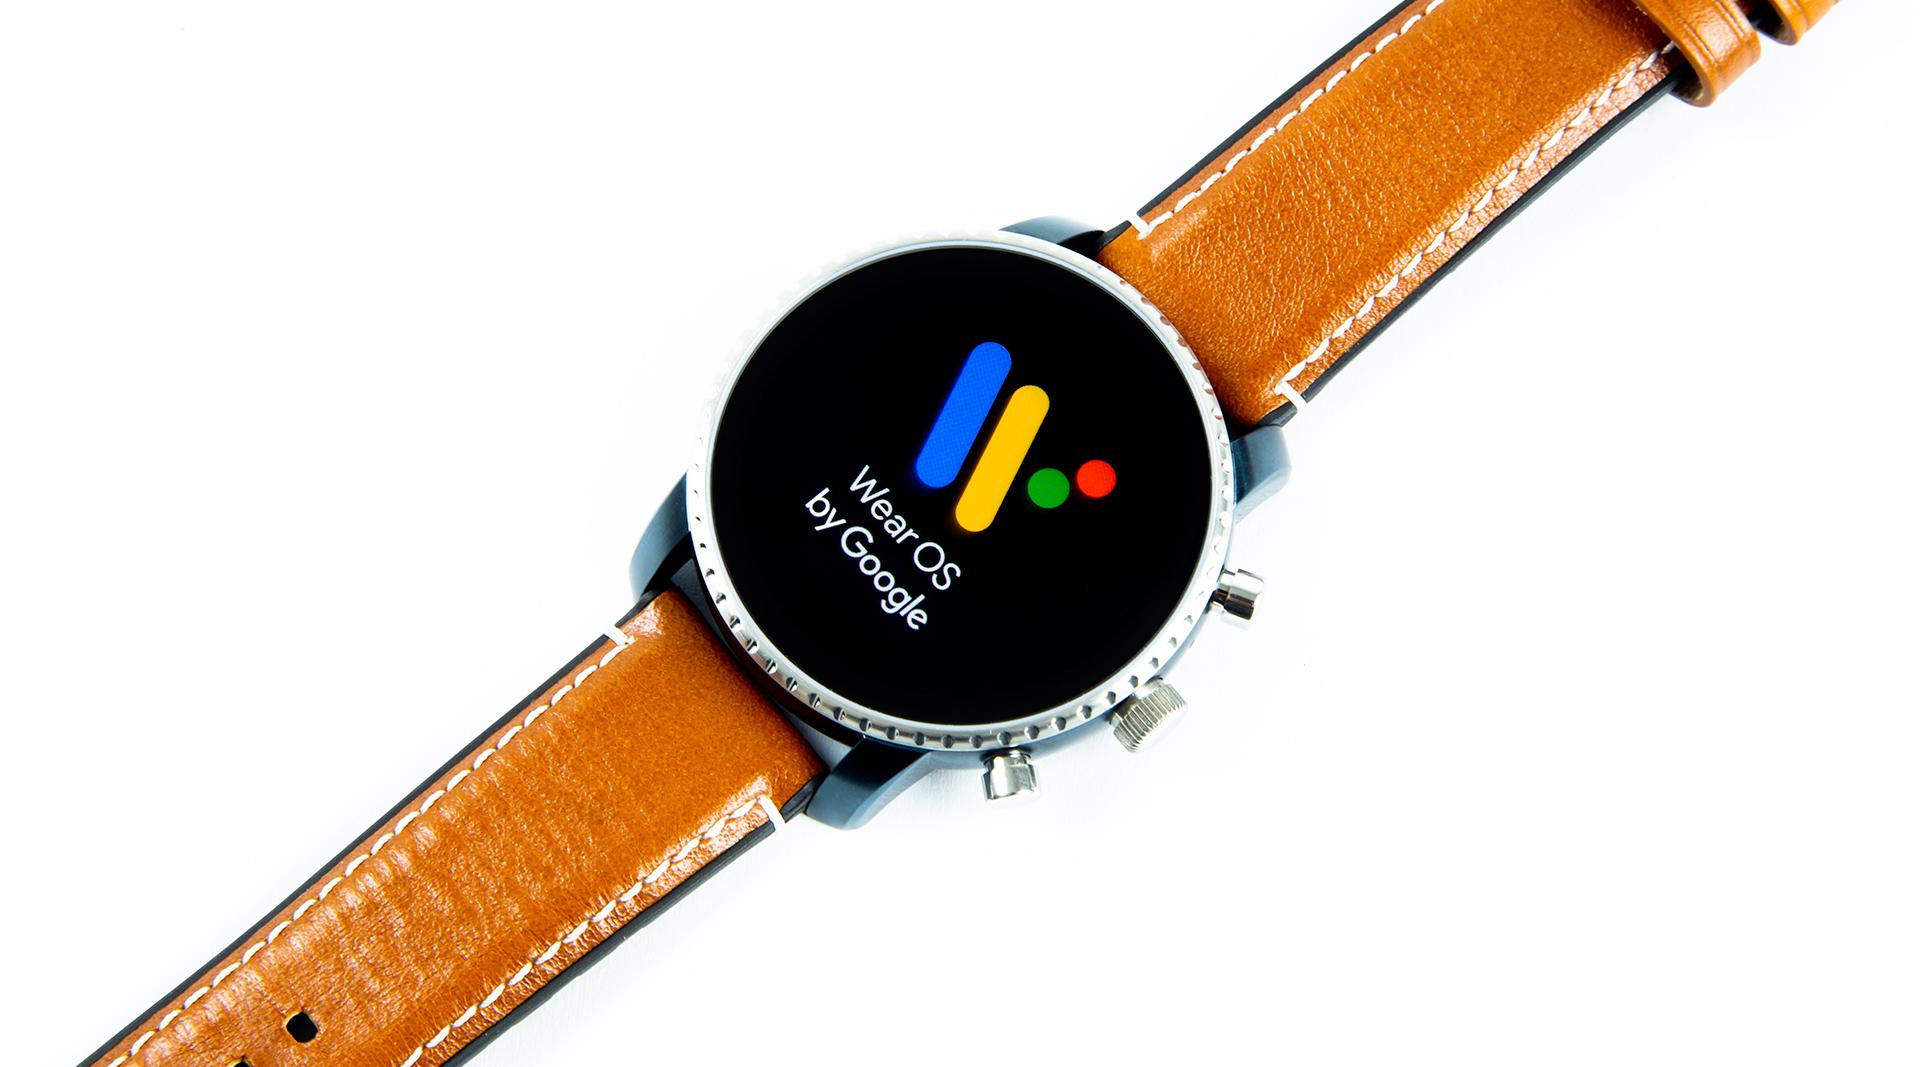 Aplikace pro Wear OS čeká změna, musí se osamostatnit